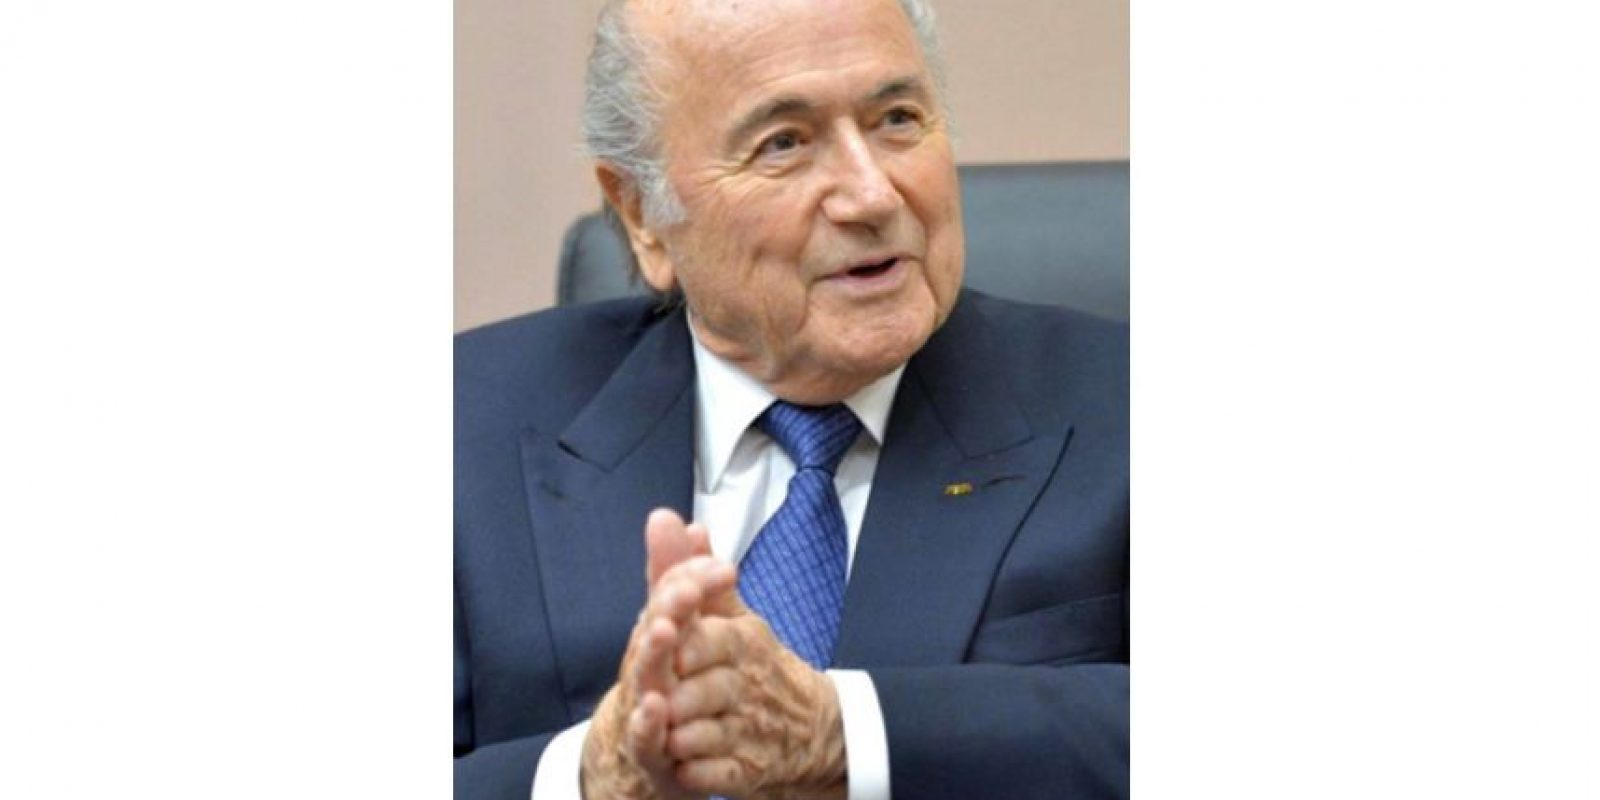 Sepp Blatter: Si 2015 fue un mal año para el jefe de la FIFA, 2016 podría ser aún peor. Un caso judicial contra el asediado jefe del organismo rector del fútbol con cargos de soborno se vislumbra, mientras que la votación del 26 de febrero elegirá al nuevo jefe de la FIFA. Blatter fue suspendido por 8 años junto a Michel Platini y no podrá ejercer cargos en el organismo.